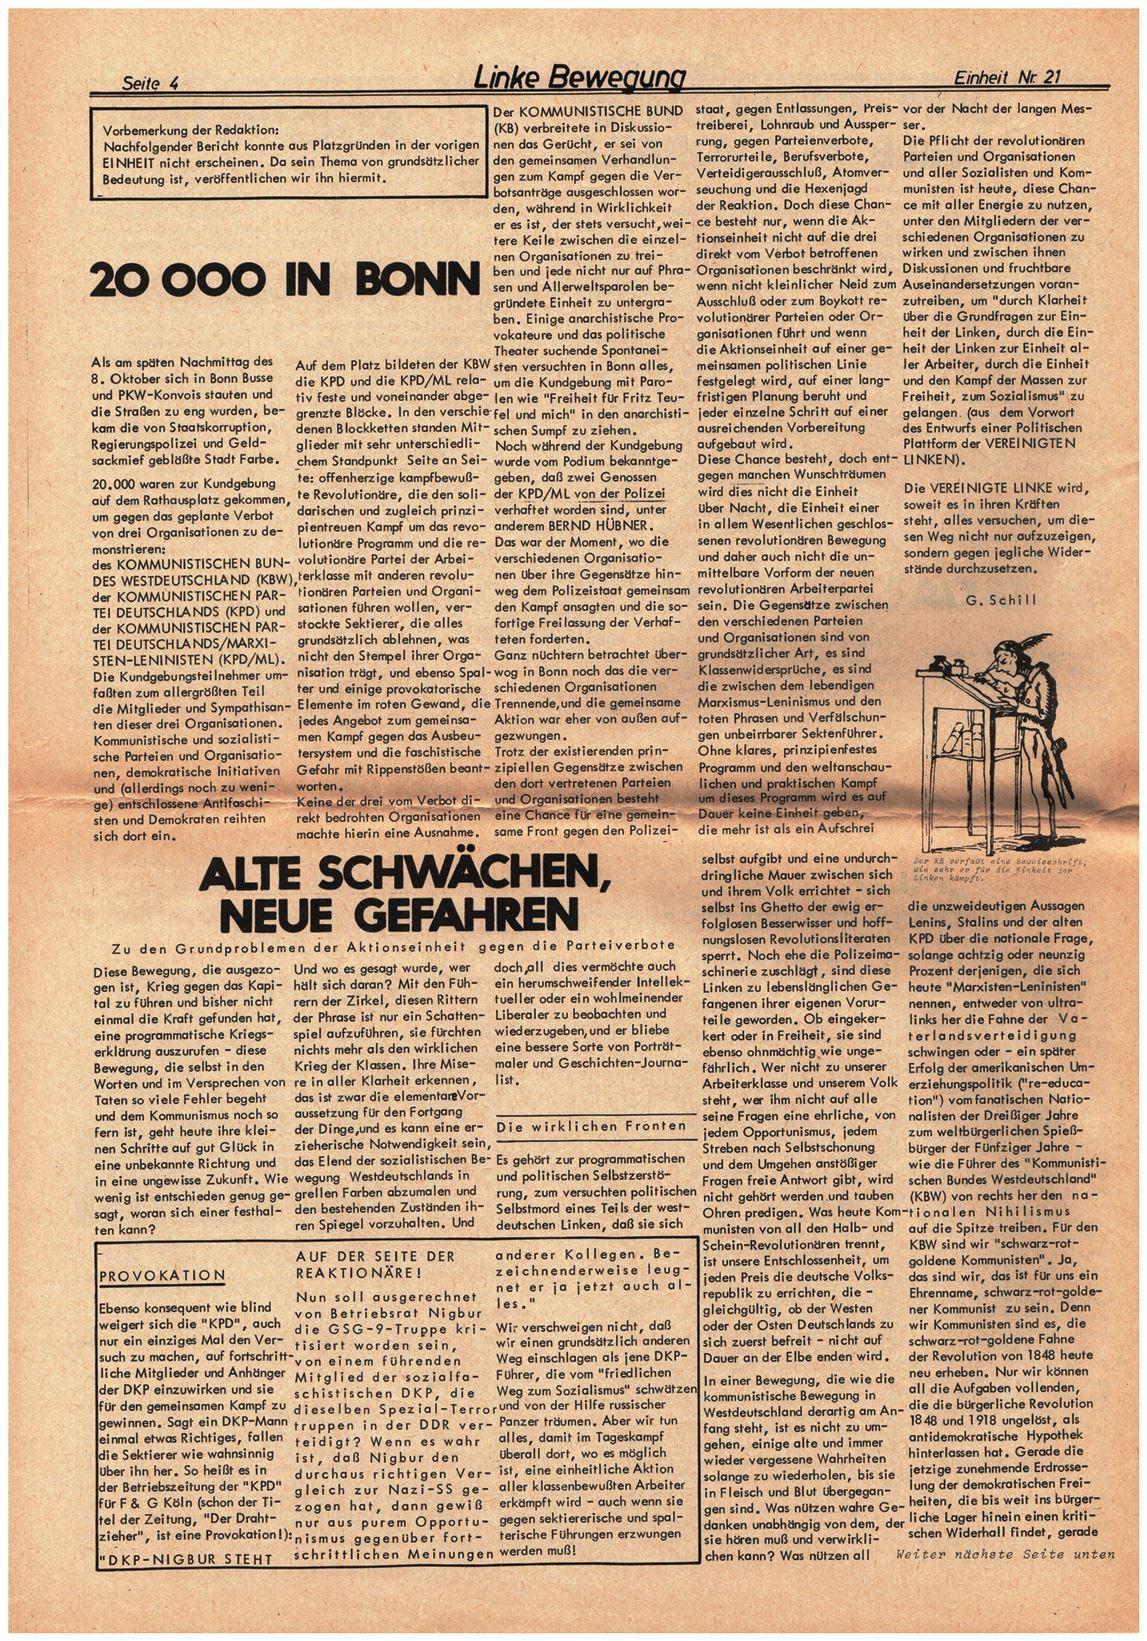 Koeln_IPdA_Einheit_1977_021_004